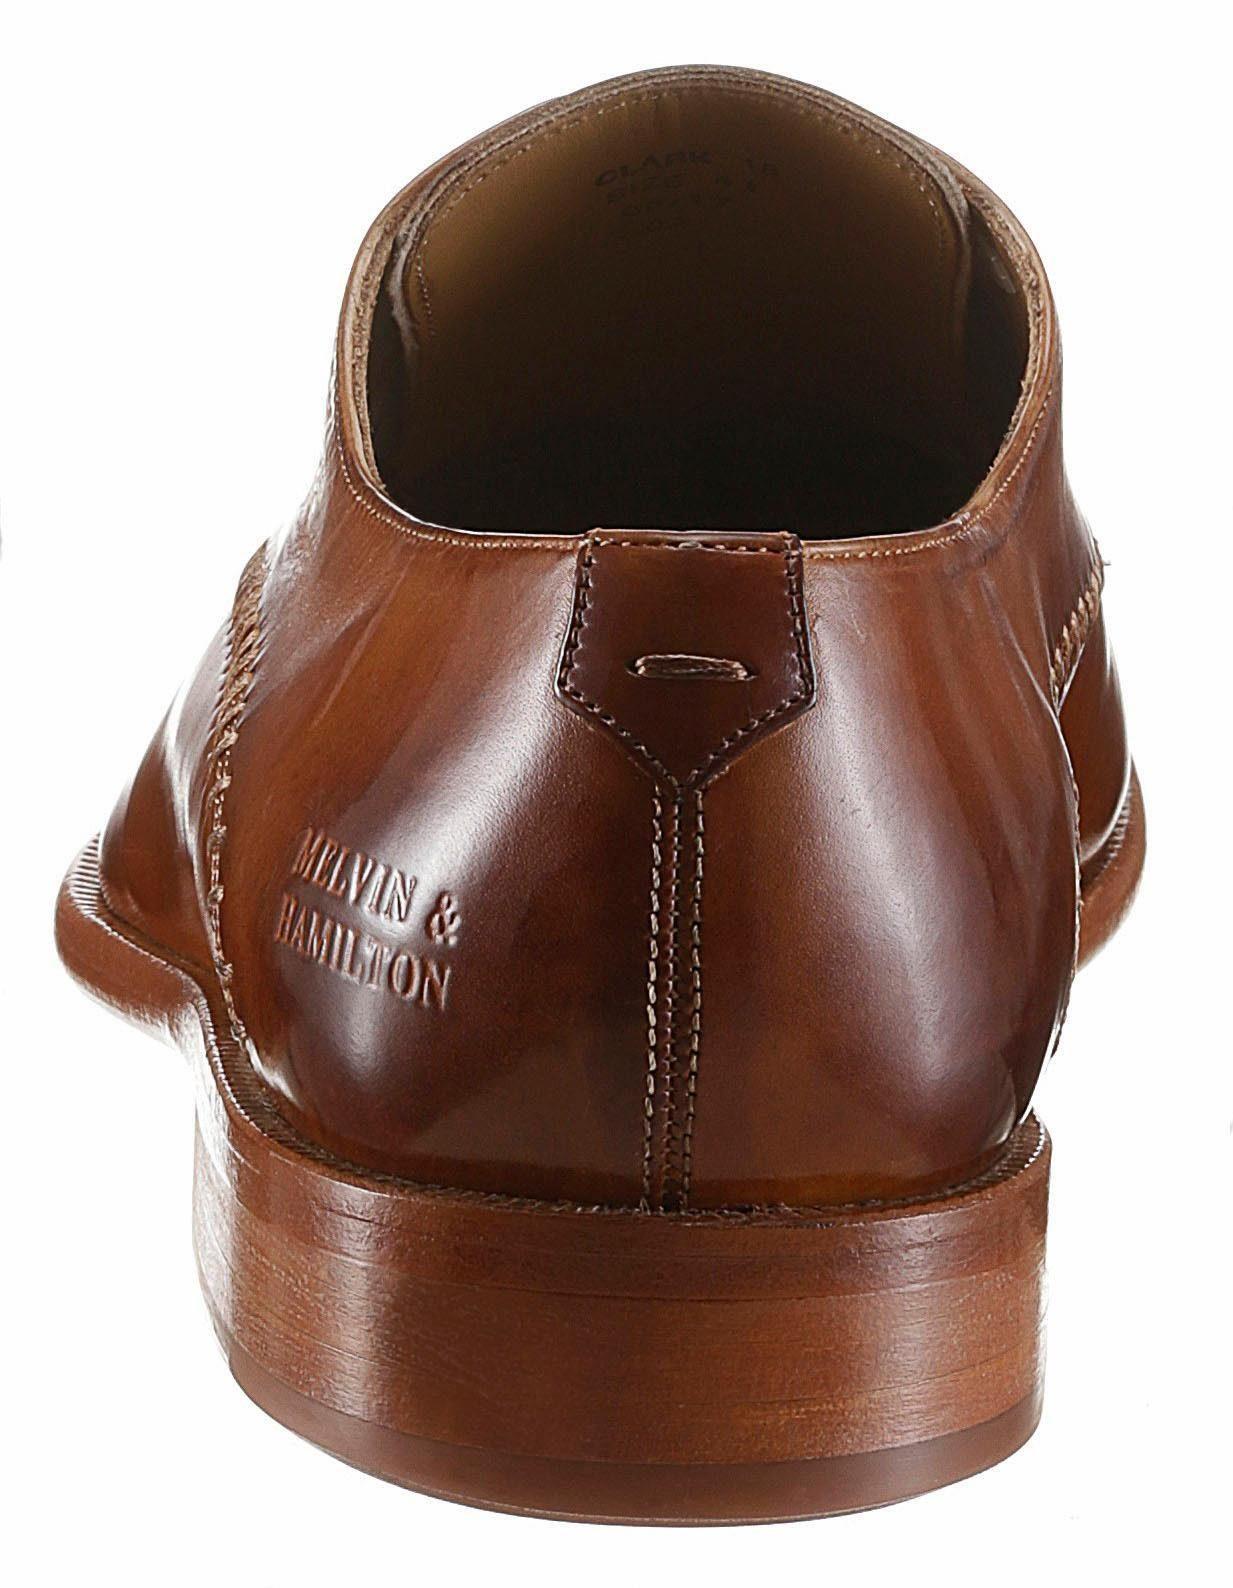 Melvin & Hamilton Clark 18 Schnürschuh, mit stylischem Lasercut auf dem Blatt online kaufen  cognac-used